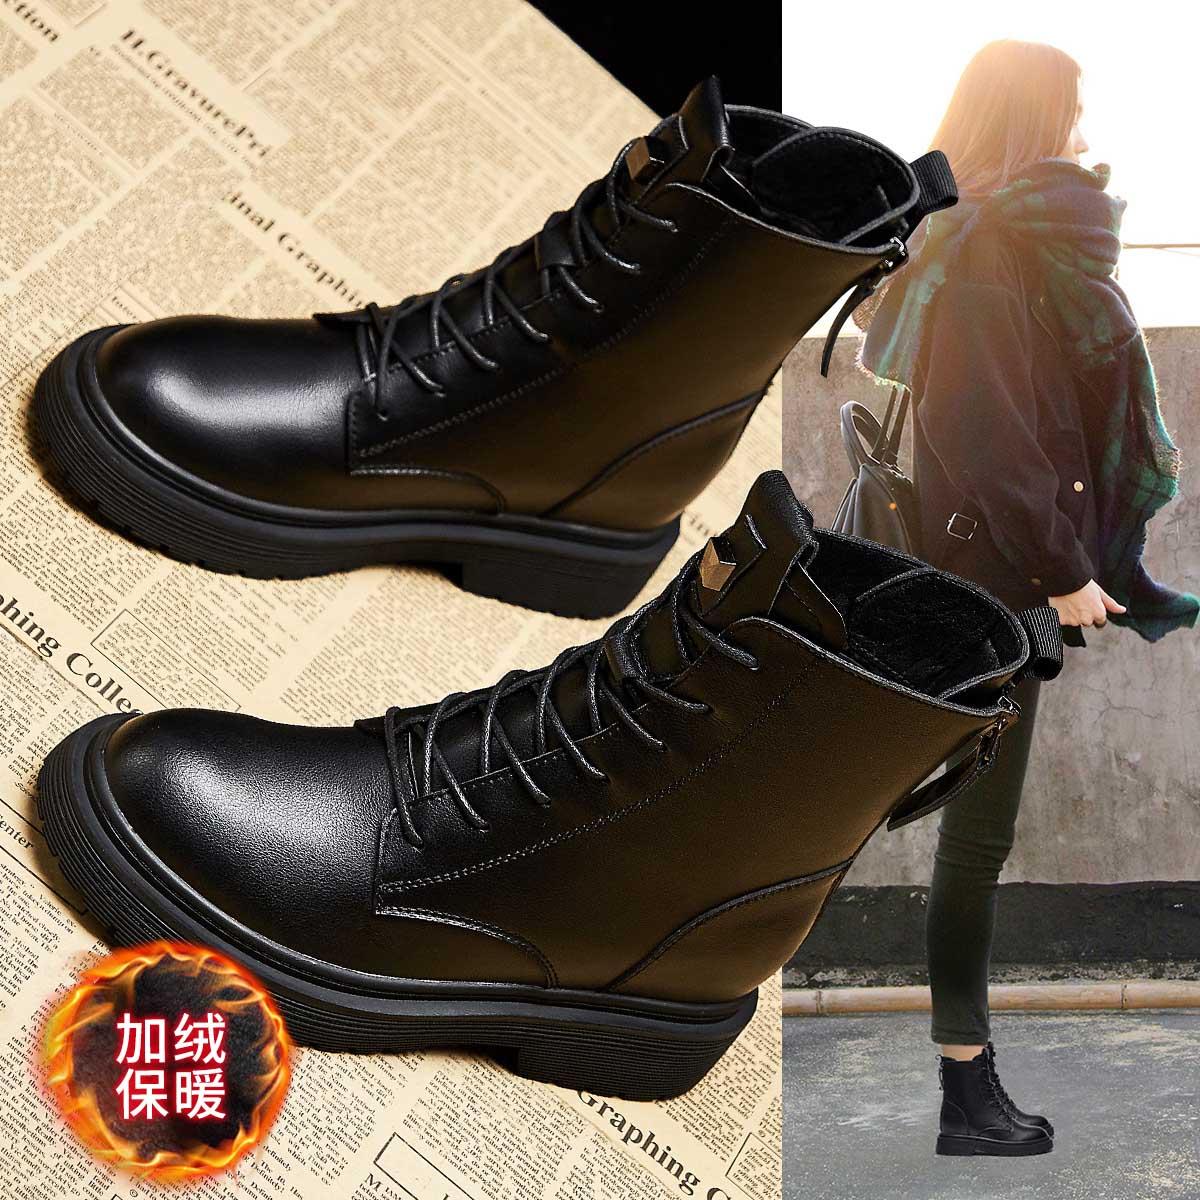 厚底真皮马丁靴20冬款复古英伦风内增高机车靴舒适加绒平跟女靴